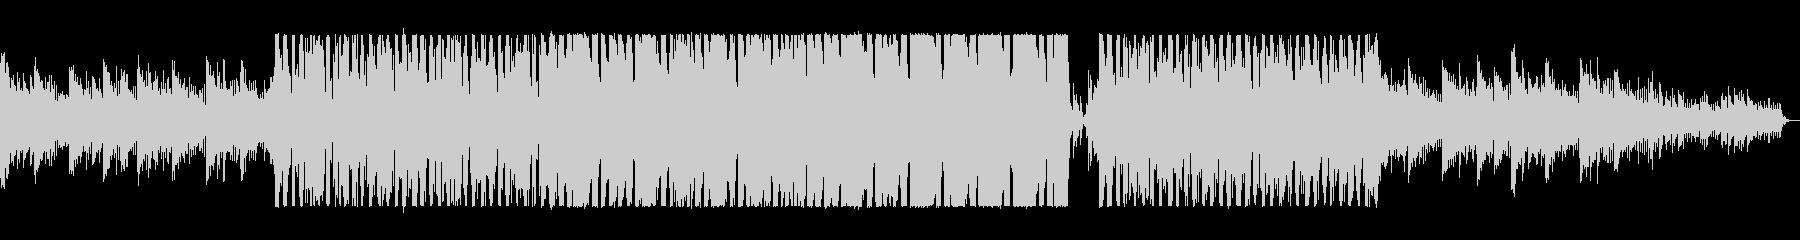 アップテンポで疾走感あるシンセサイザー曲の未再生の波形